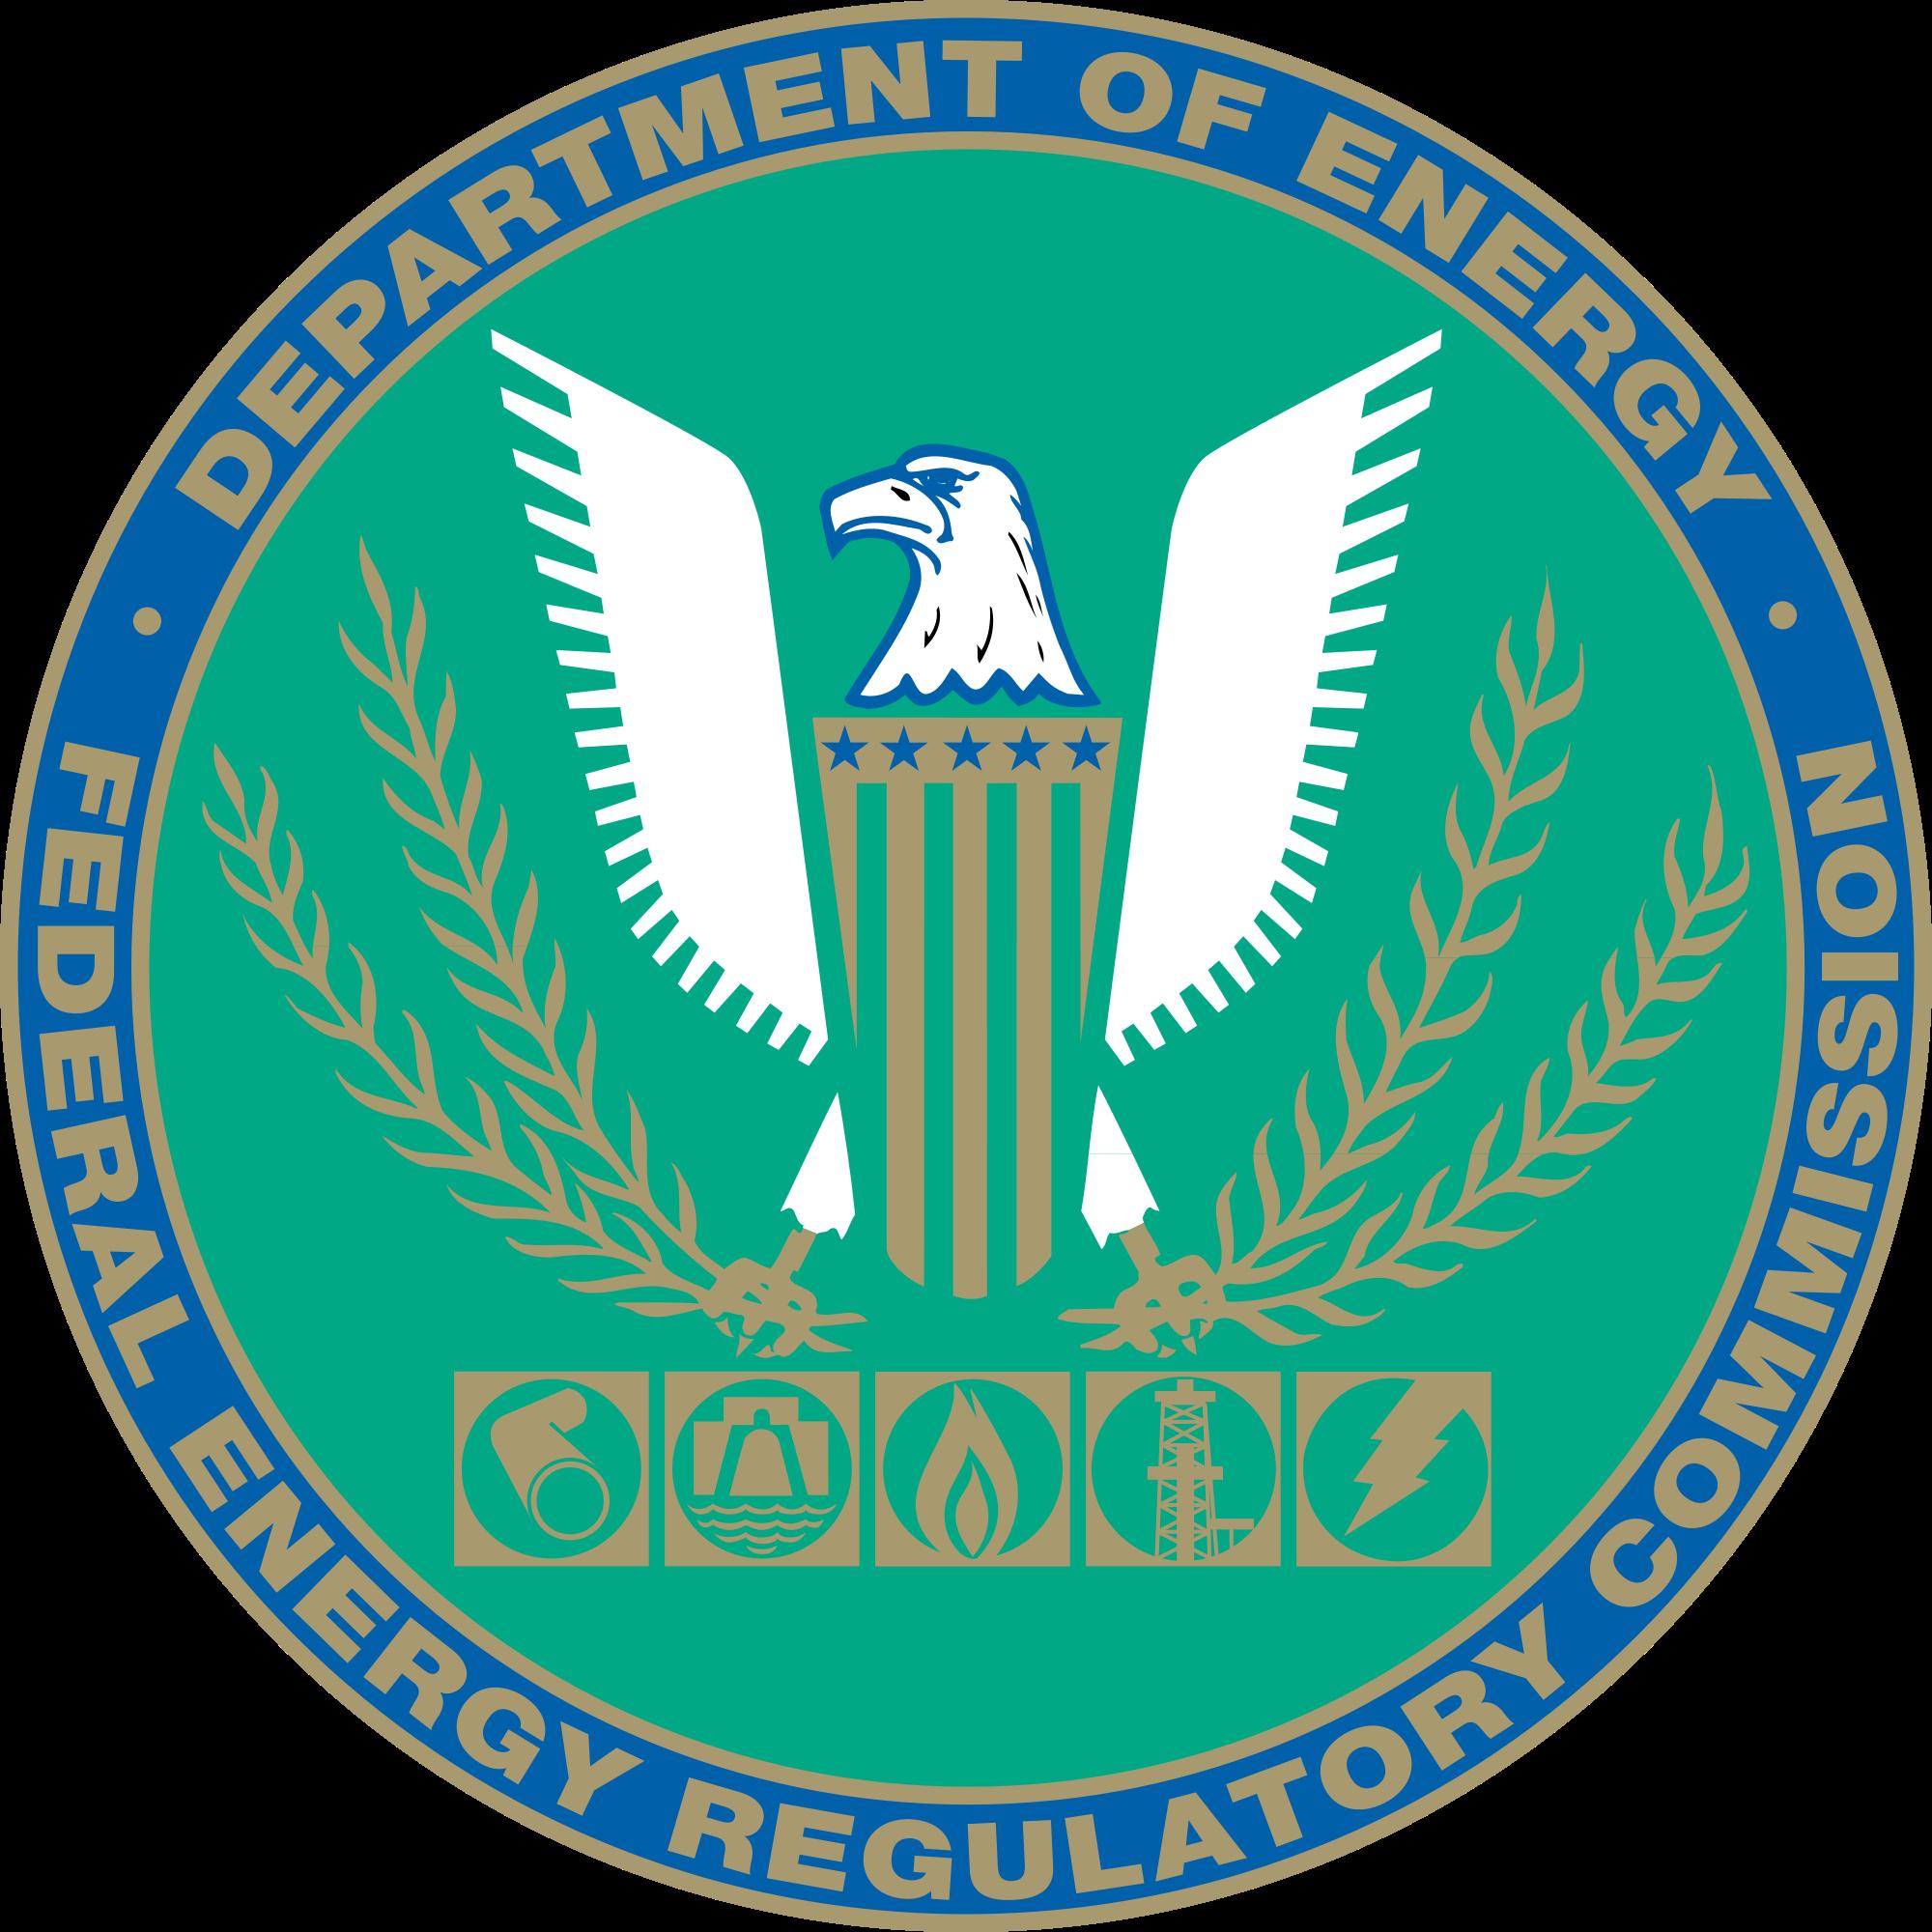 FERC Seal